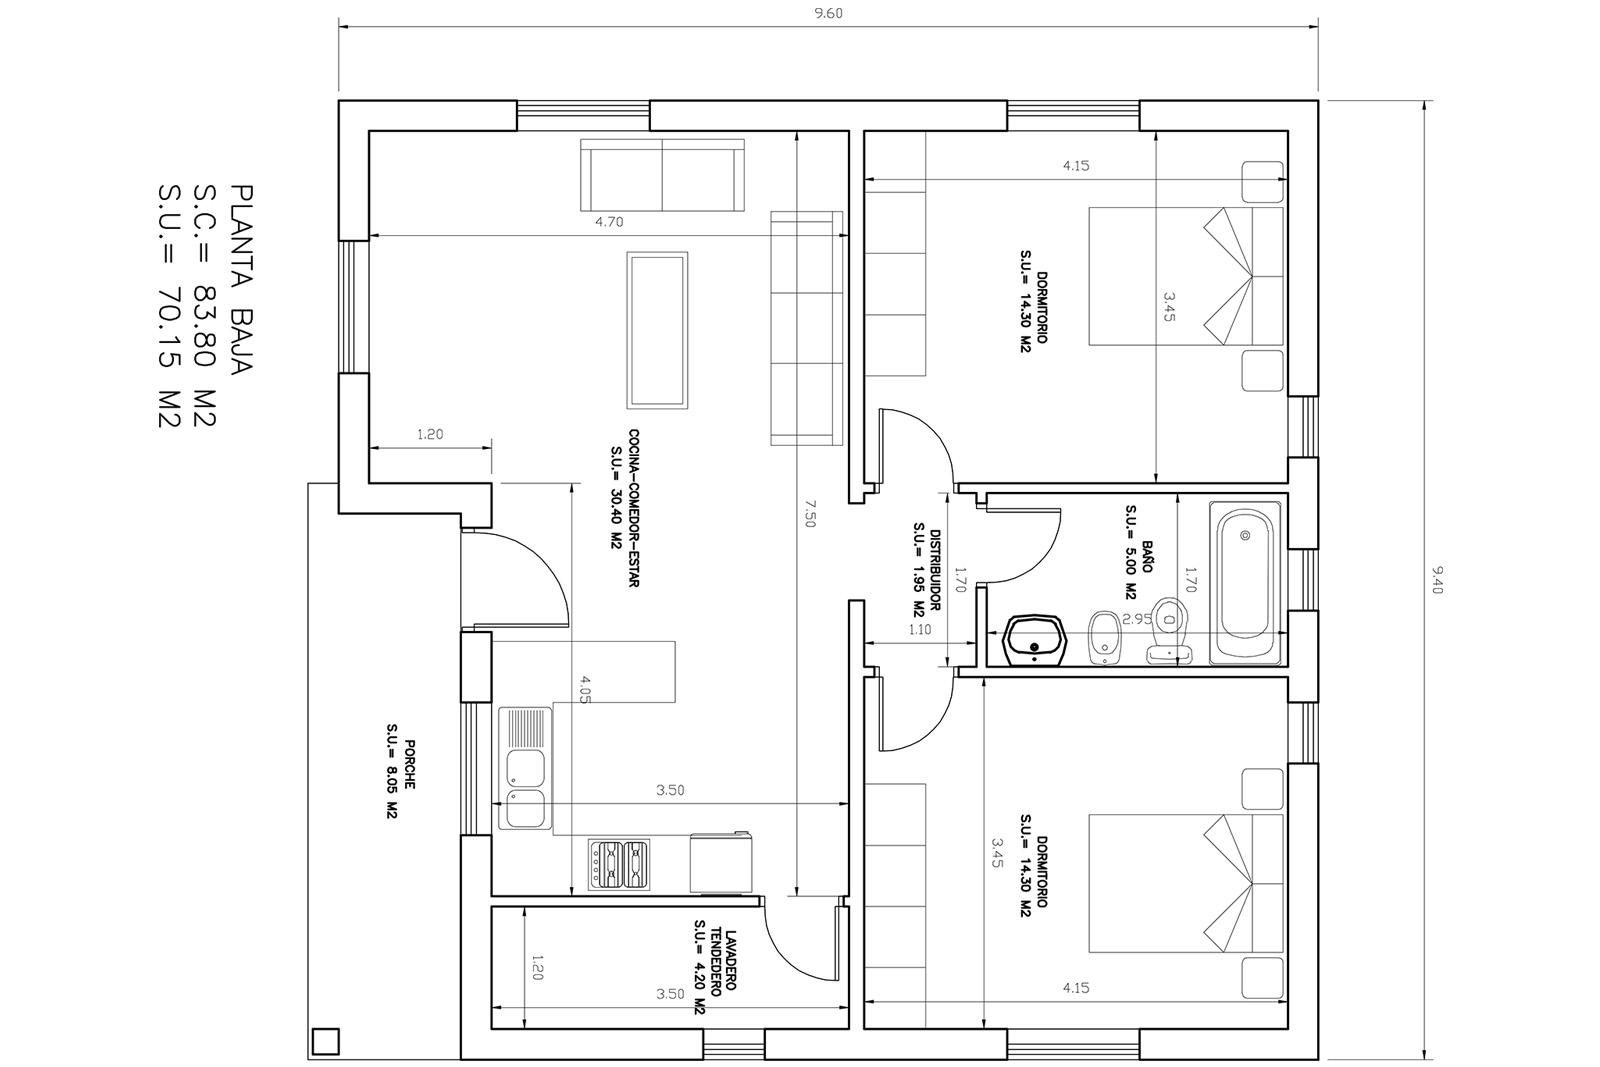 Parcelas y casas casa de piedra 2 dormitorios - Casas unifamiliares planos ...